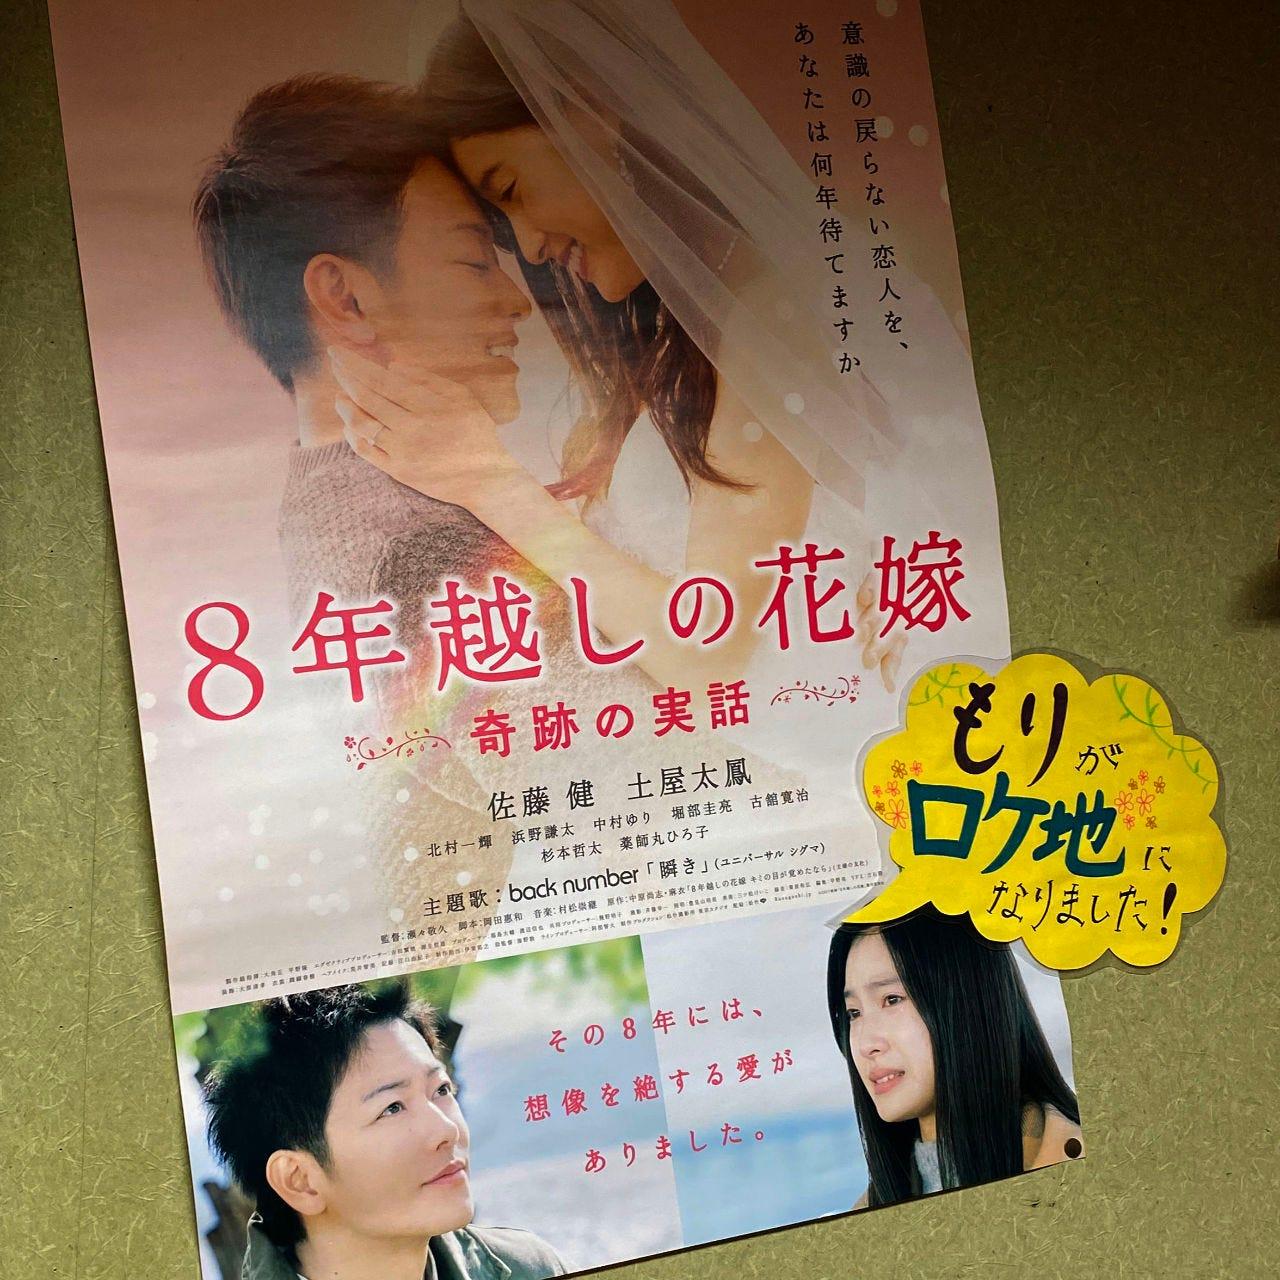 土屋太鳳さん、佐藤健さん主演『8年越しの花嫁』でロケ地に♪